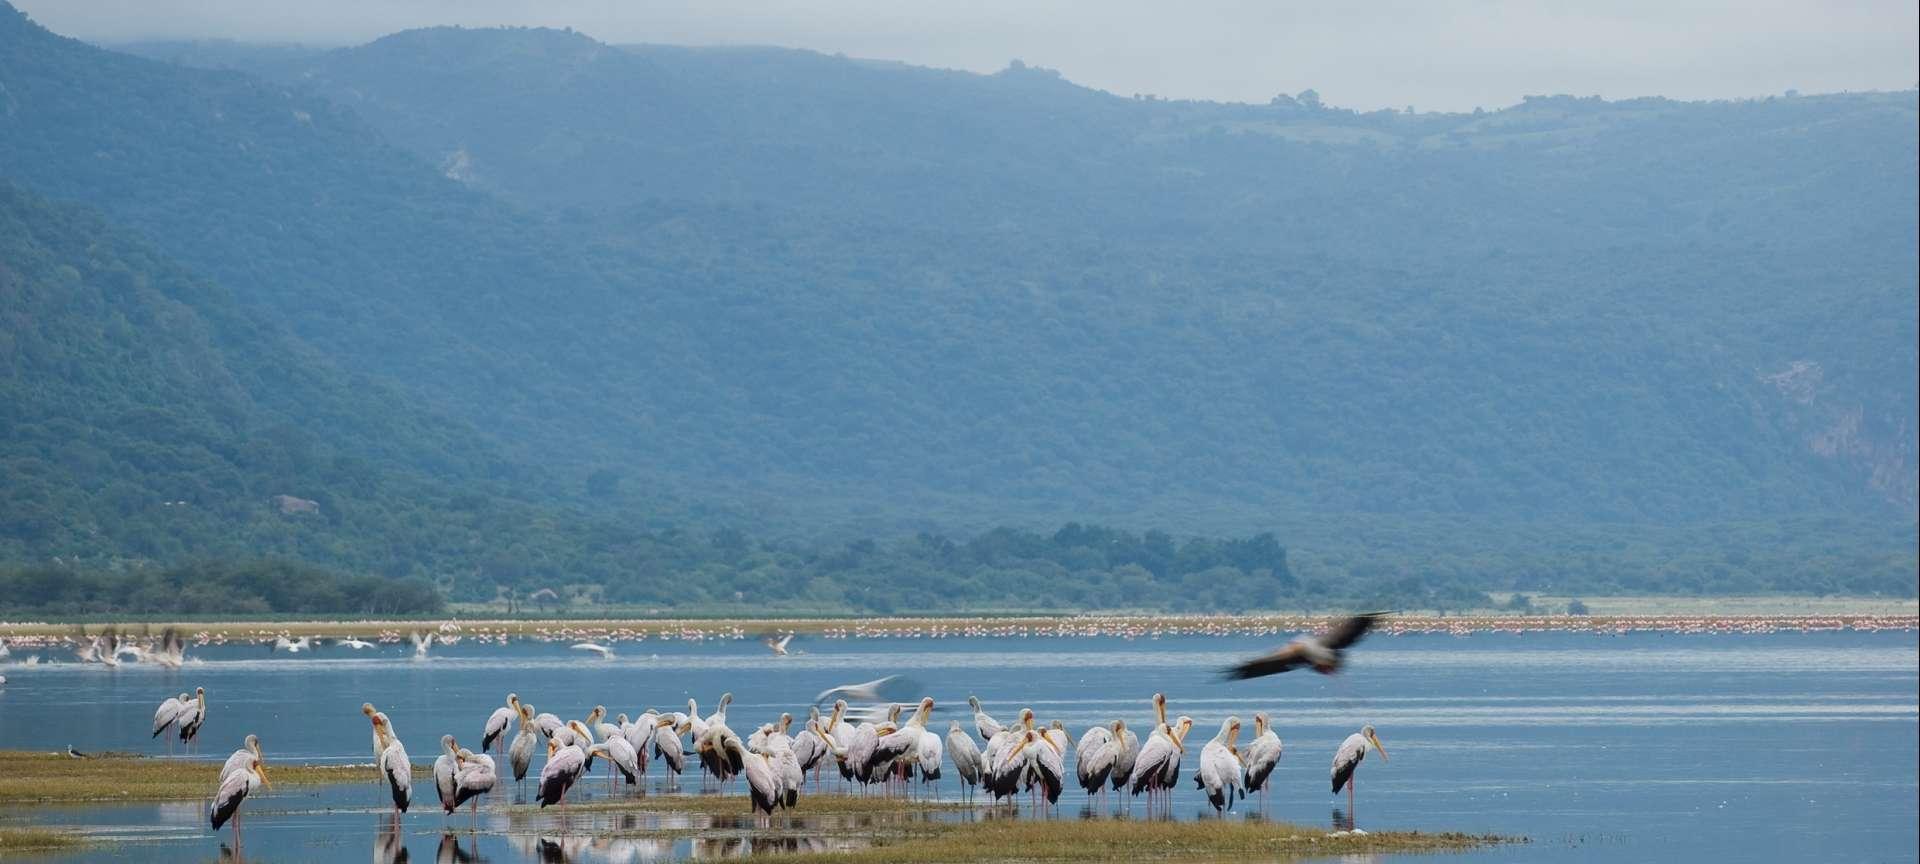 Lake Manyara National Park - Africa Wildlife Safaris